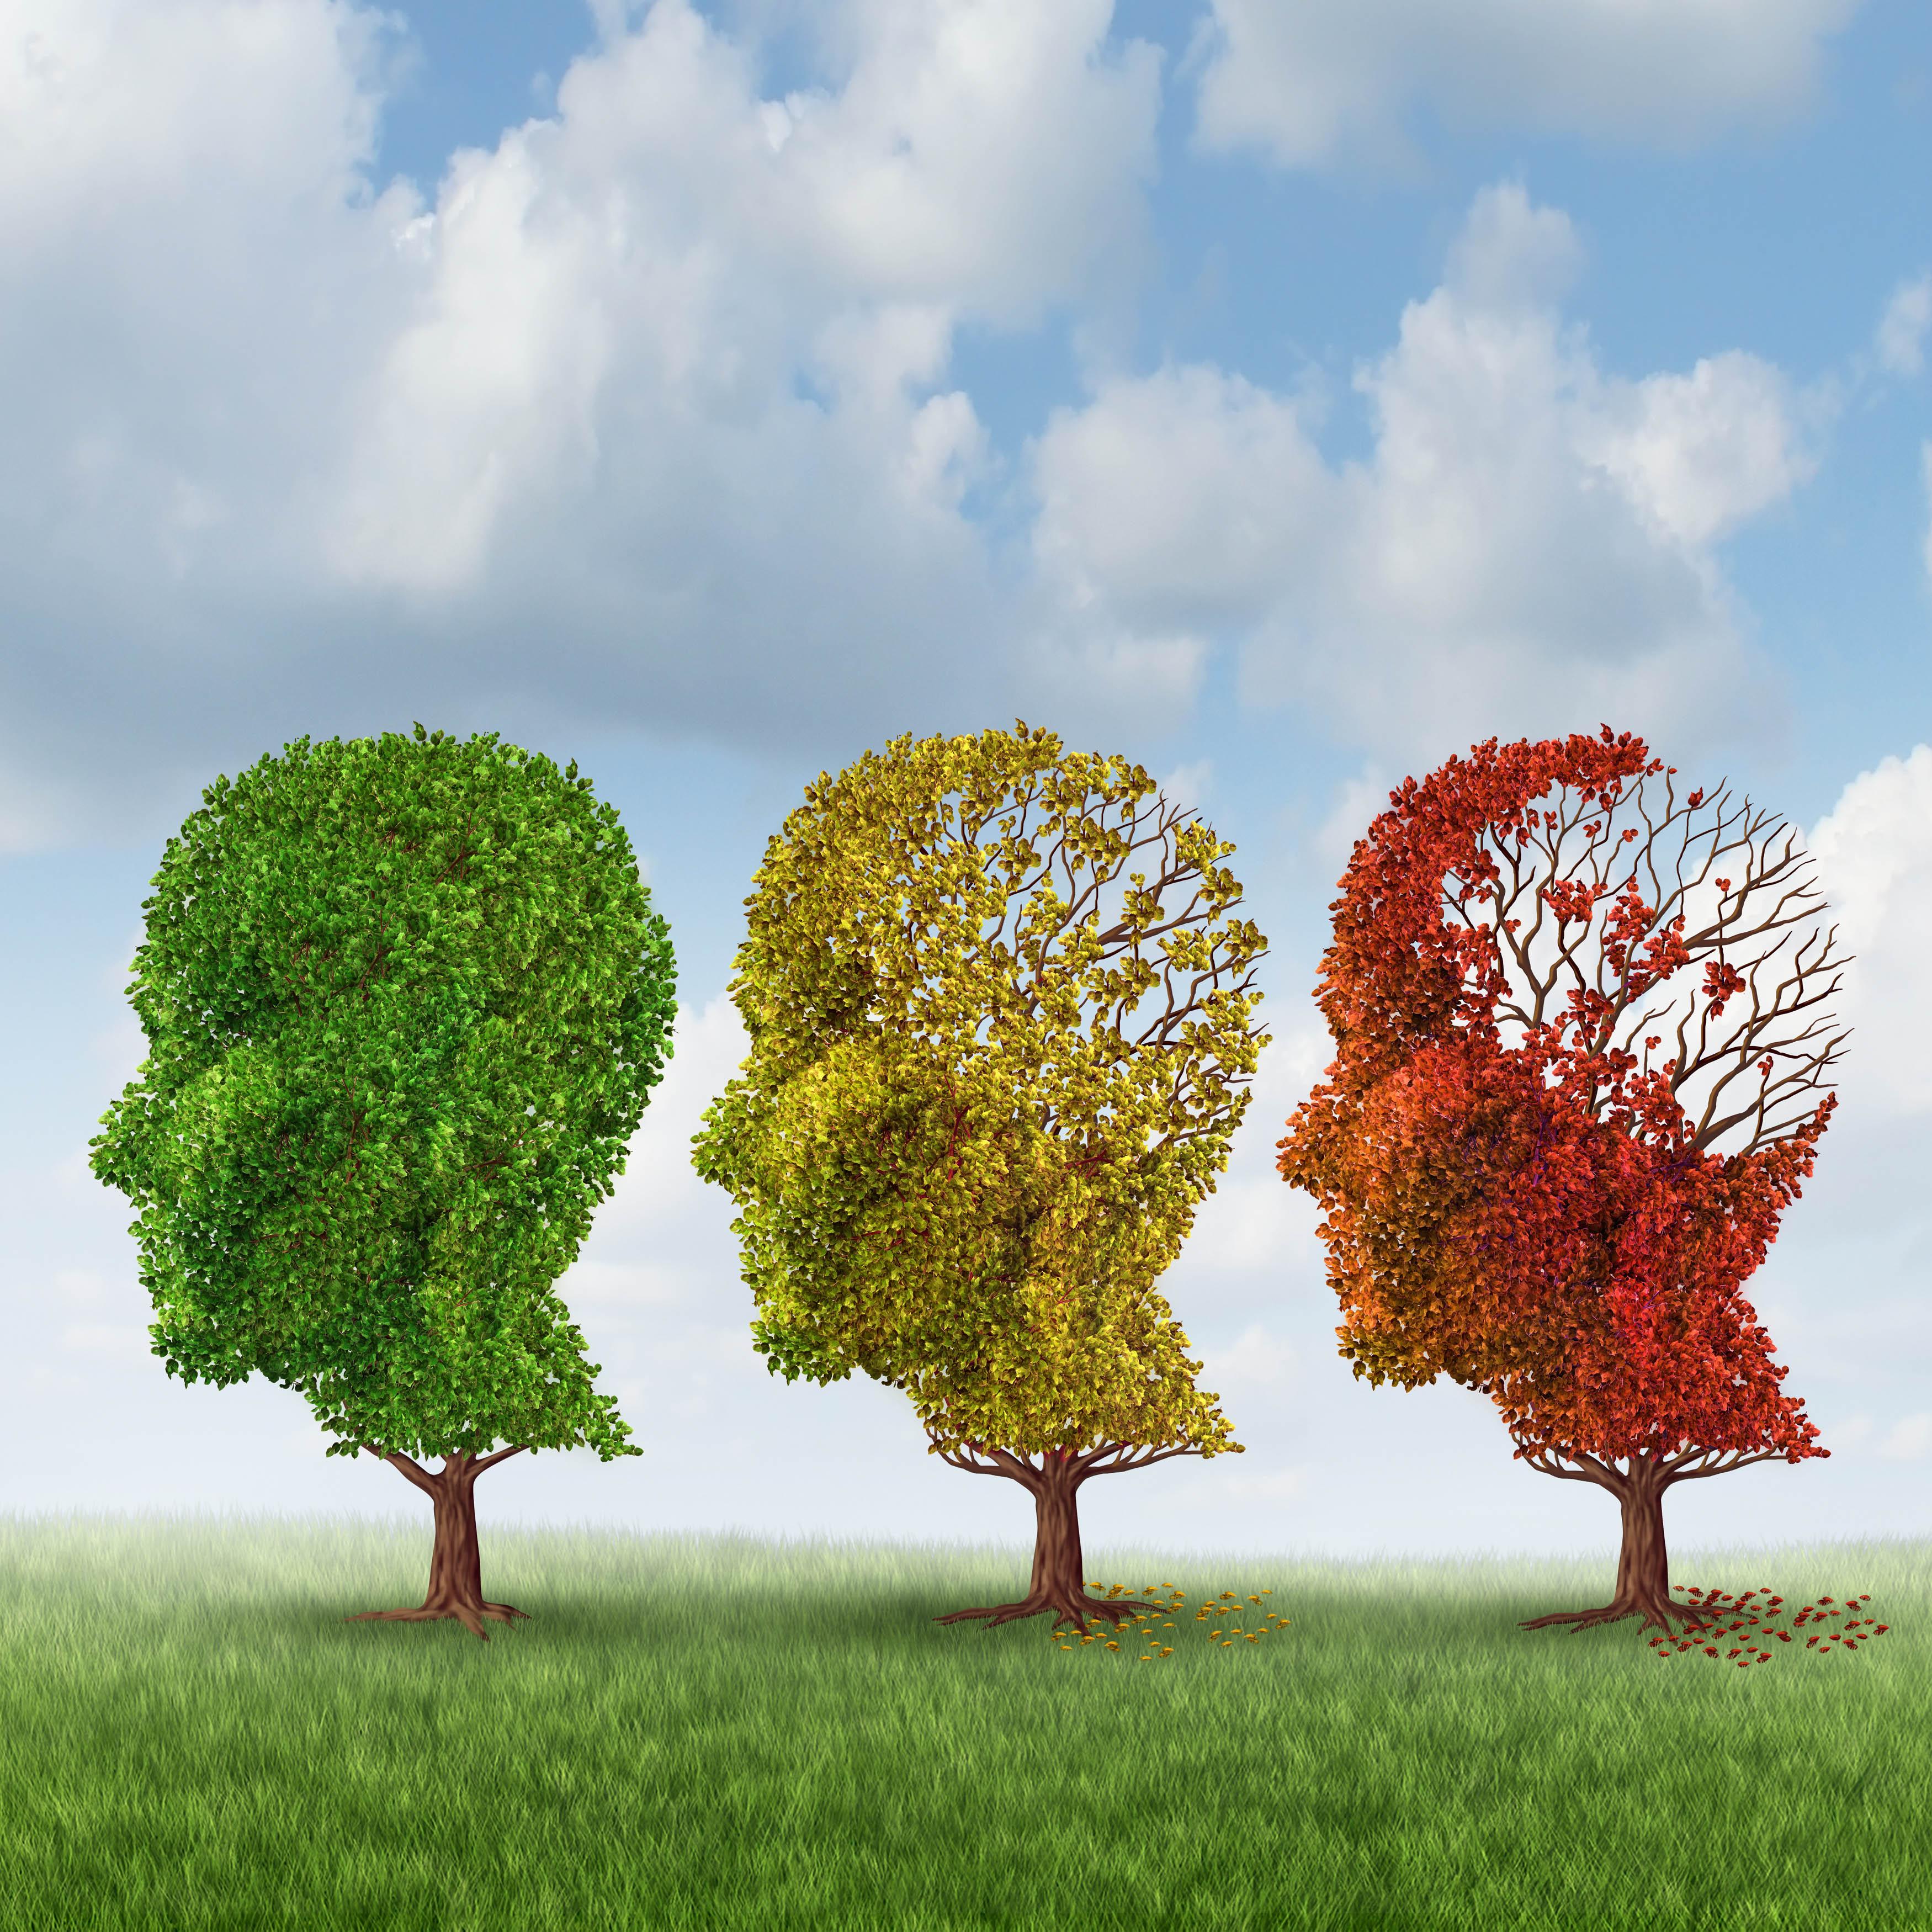 Mange oplever en vis grad af hukommelsestab når de kommer højt op i alderen. Forskere undersøger hvorvidt et højt niveau af reaktive iltmolekyler i hjernen bidrager til såkaldte neurodegenerative lidelser, som Alzheimers.